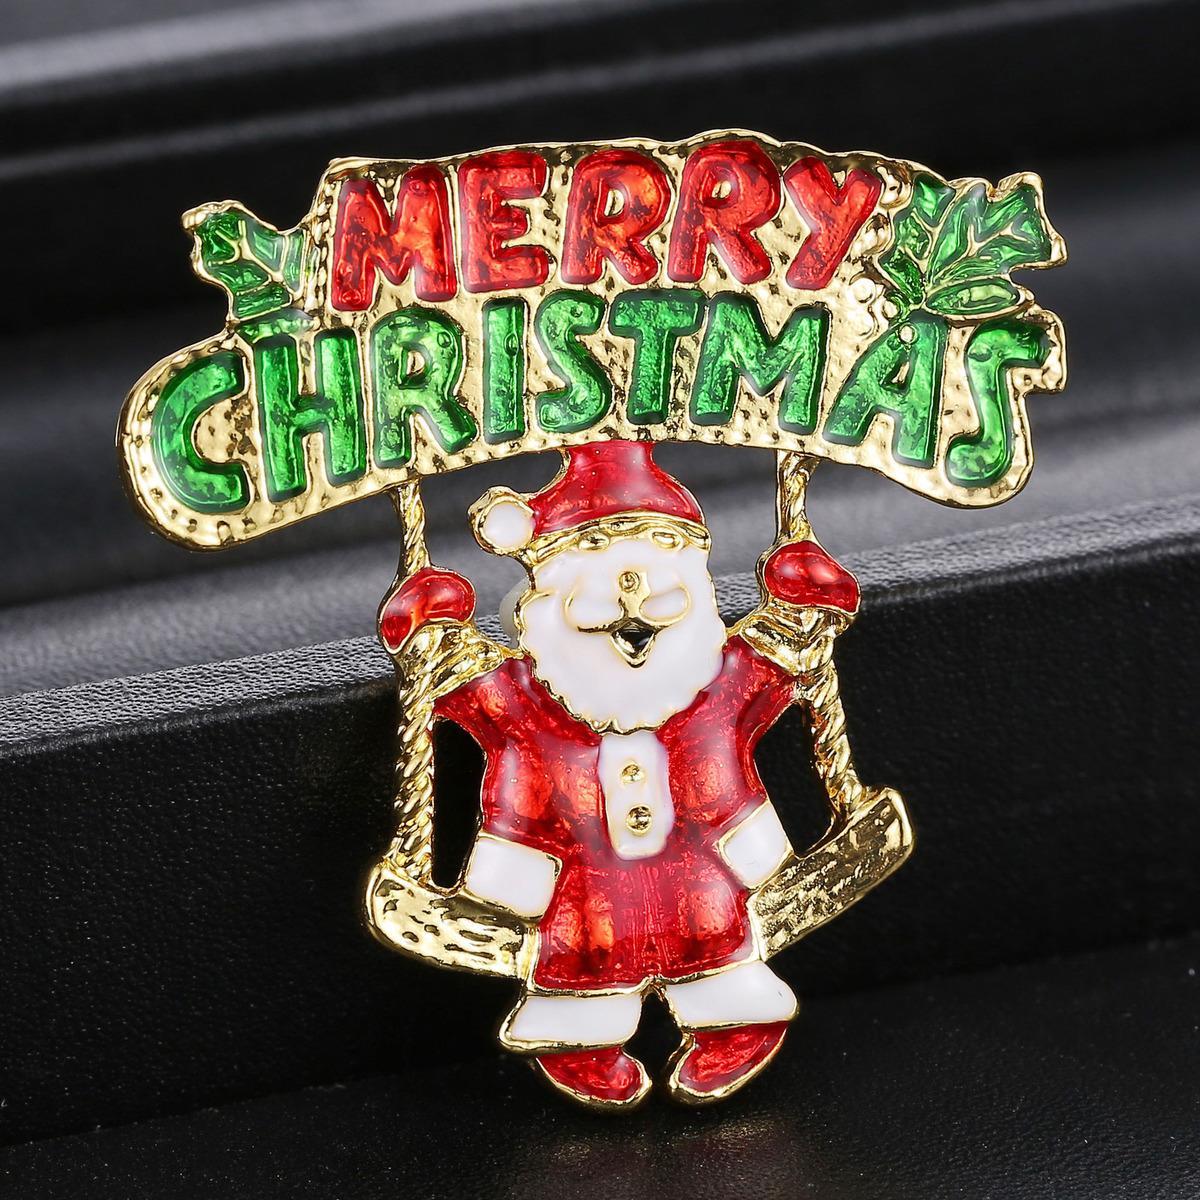 12 stile smalto pupazzo di neve albero di natale spilla pin regali di Natale Jingle Bell Boots spille Charm Crystal Christmas Gift